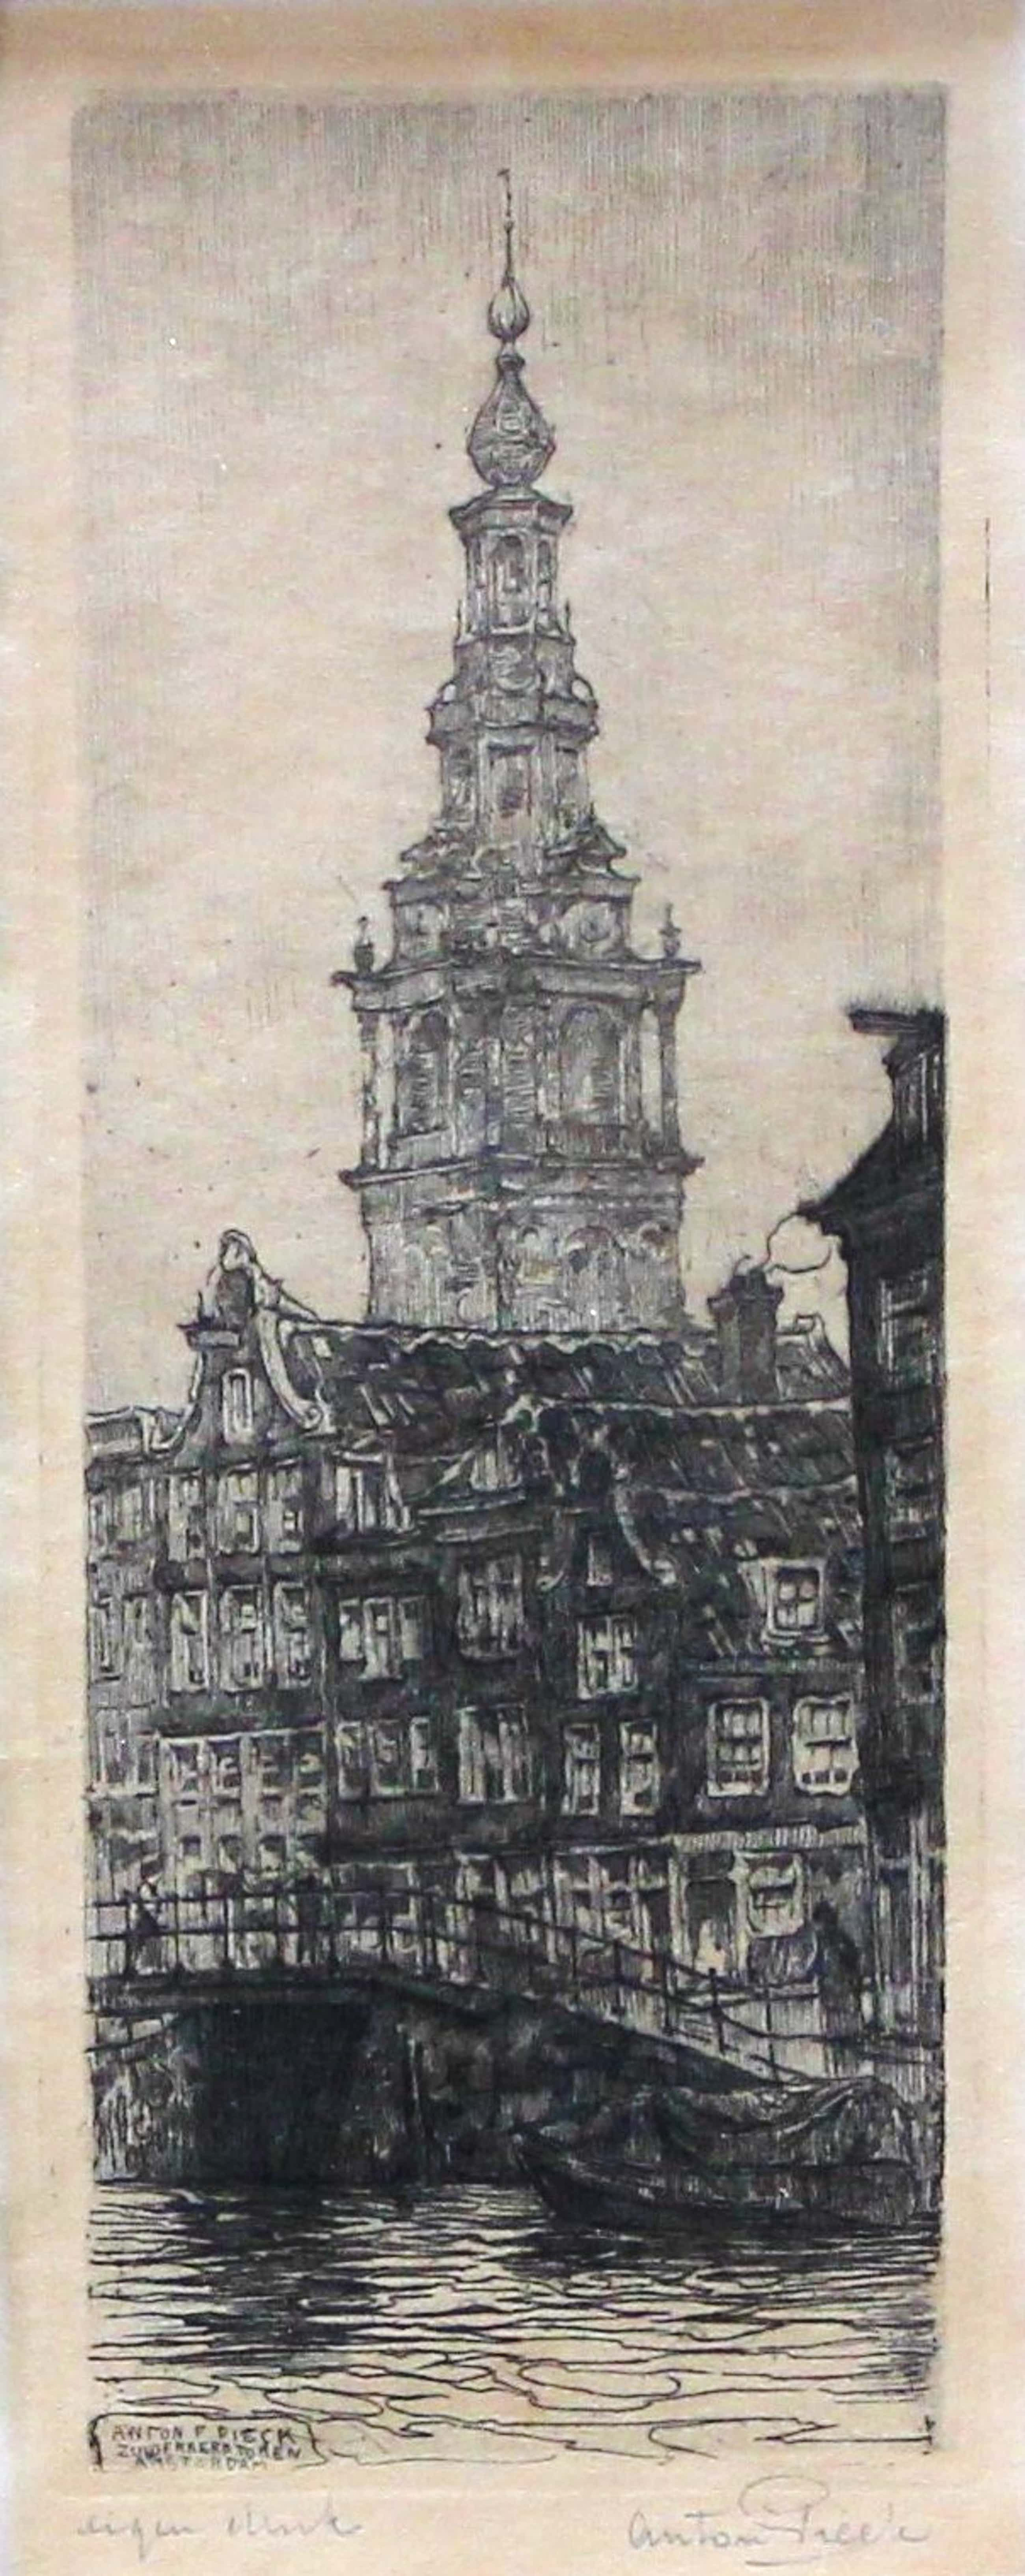 Anton Pieck - Zuiderkerk toren Amsterdam kopen? Bied vanaf 170!